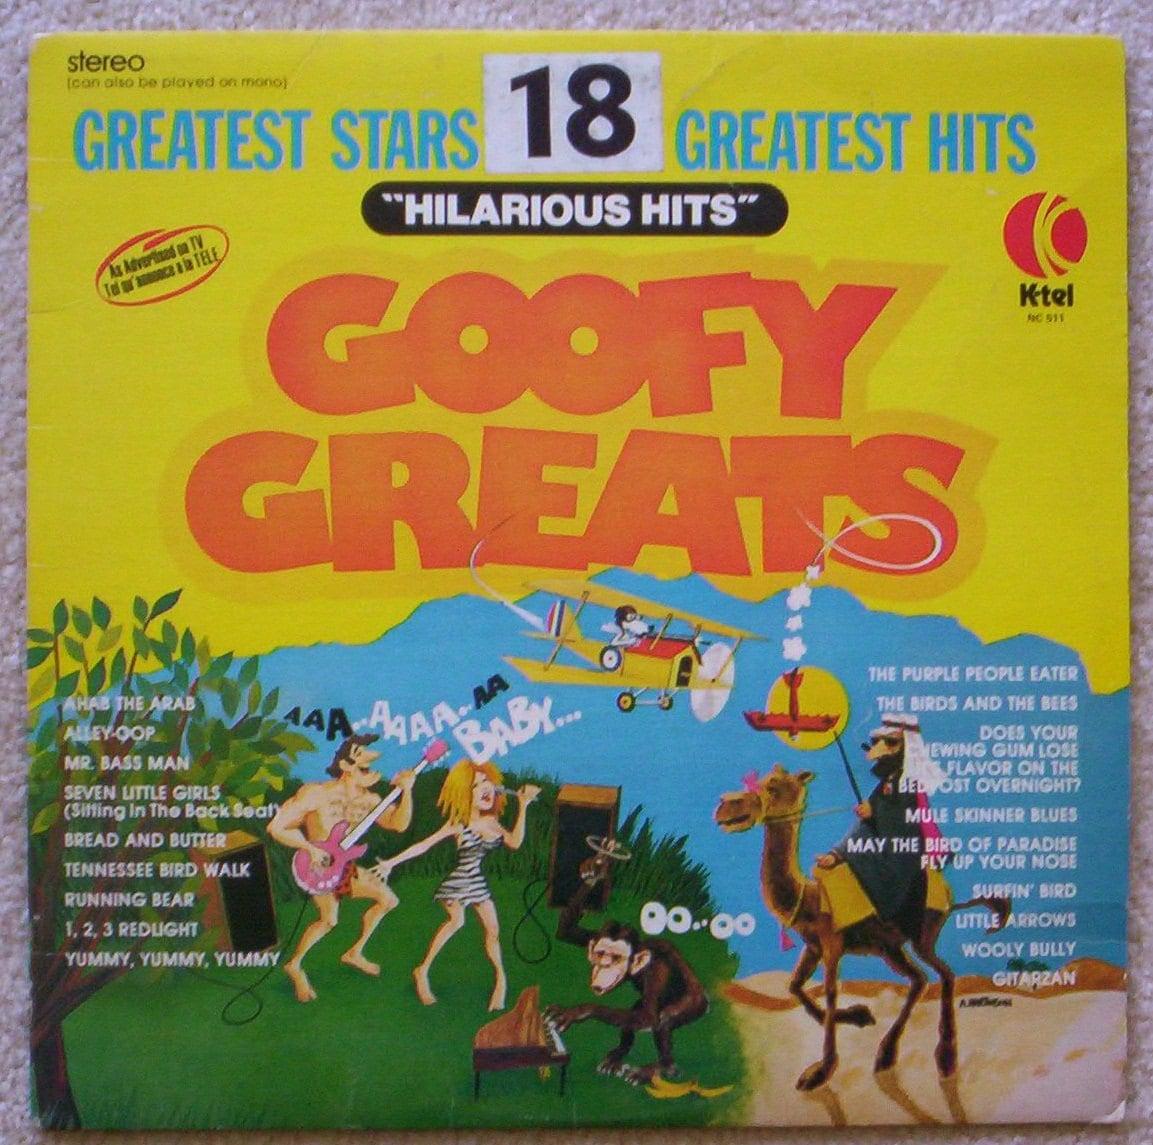 Vintage Goofy Greats Hilarious Hits K Tel Vinyl